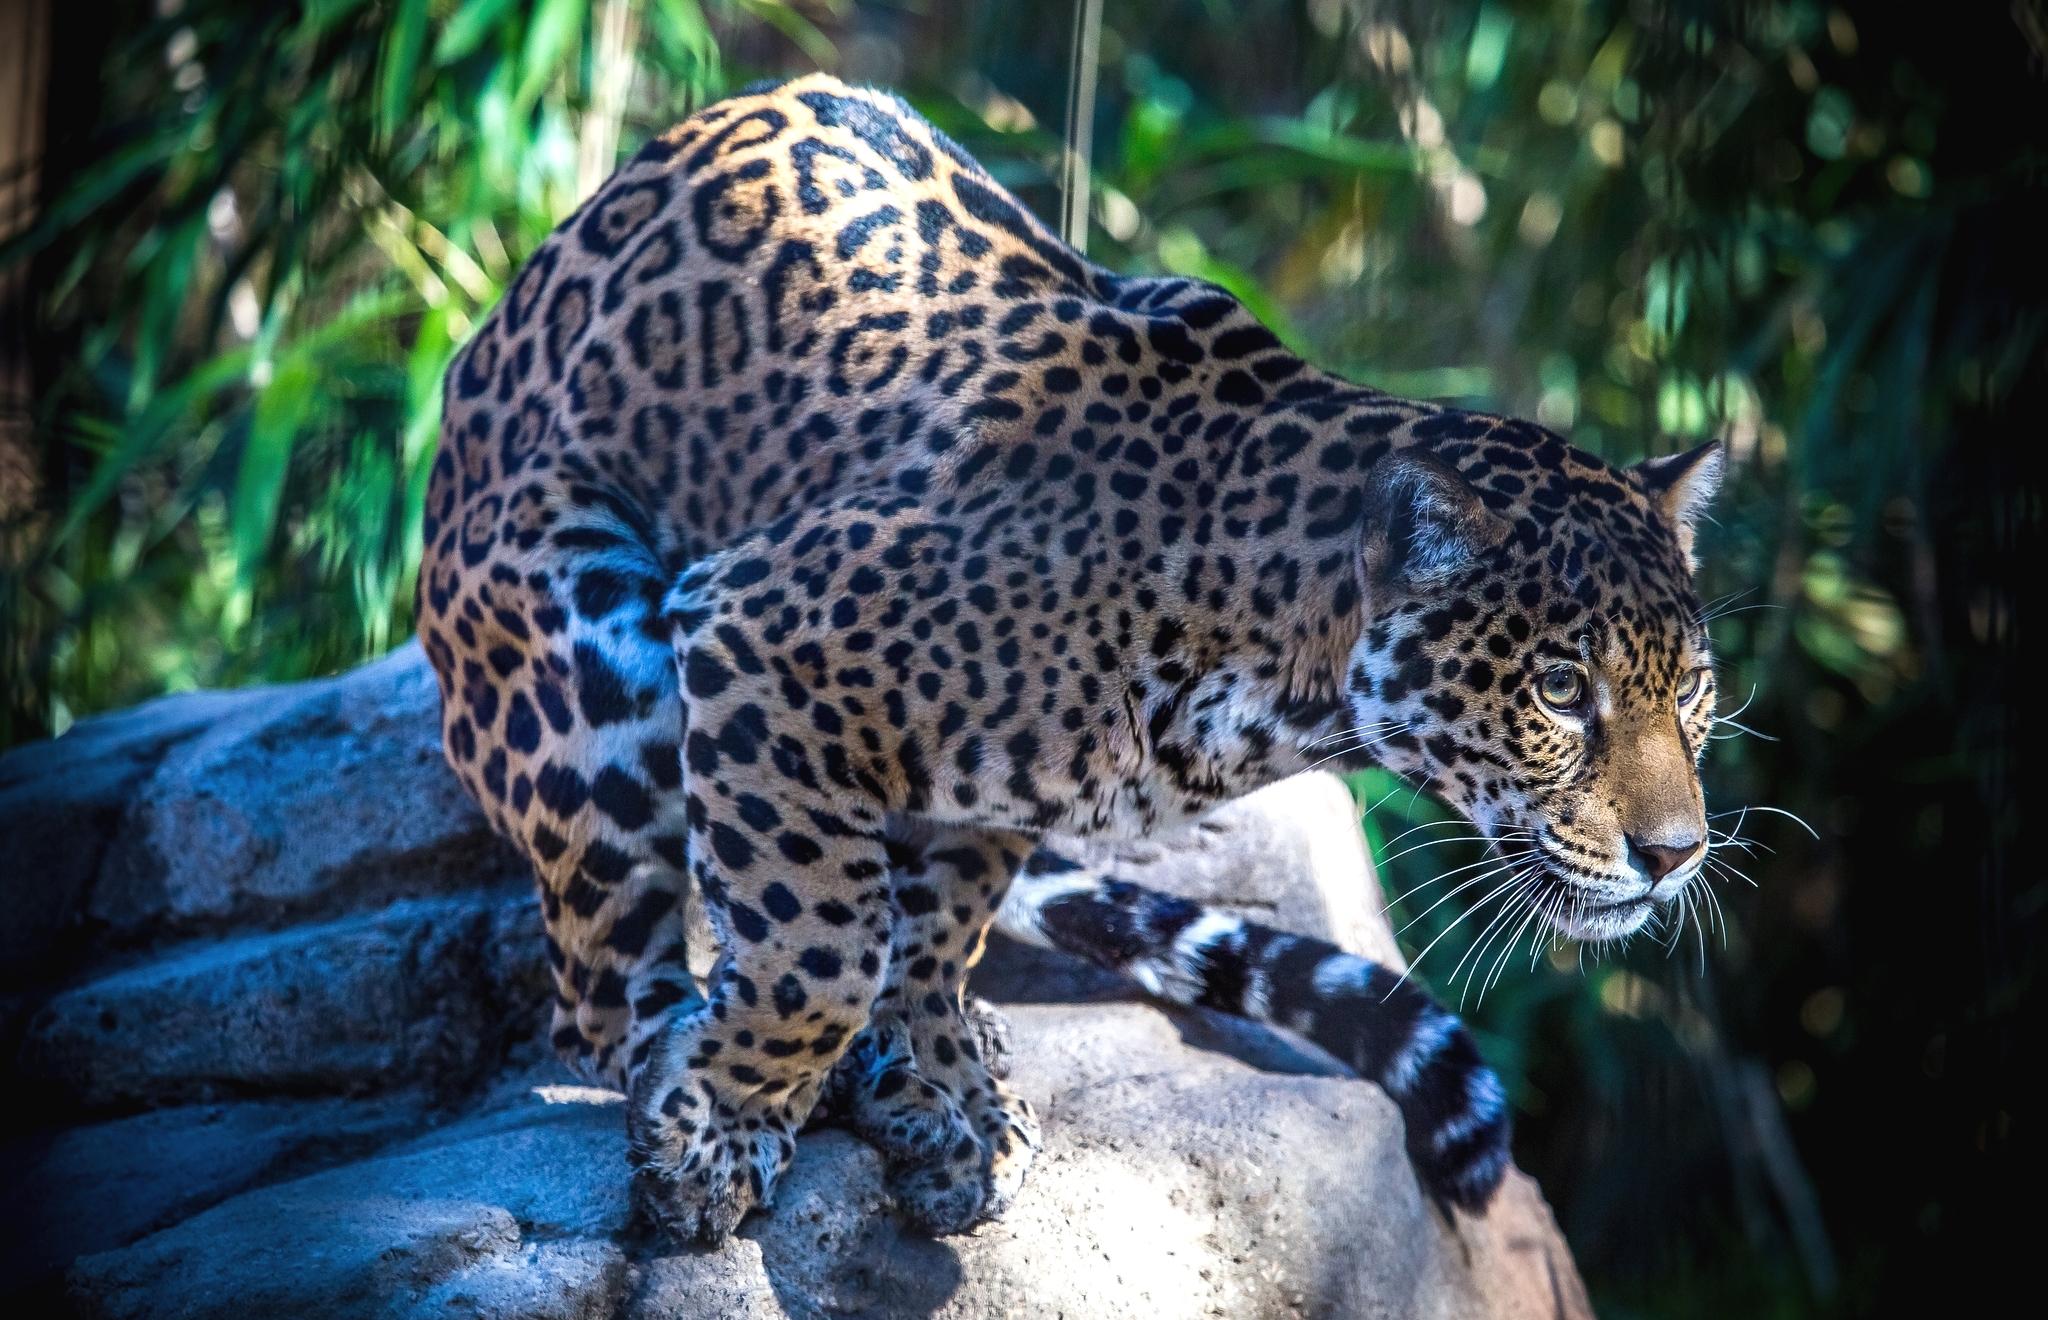 Ягуар фото в высоком изображении